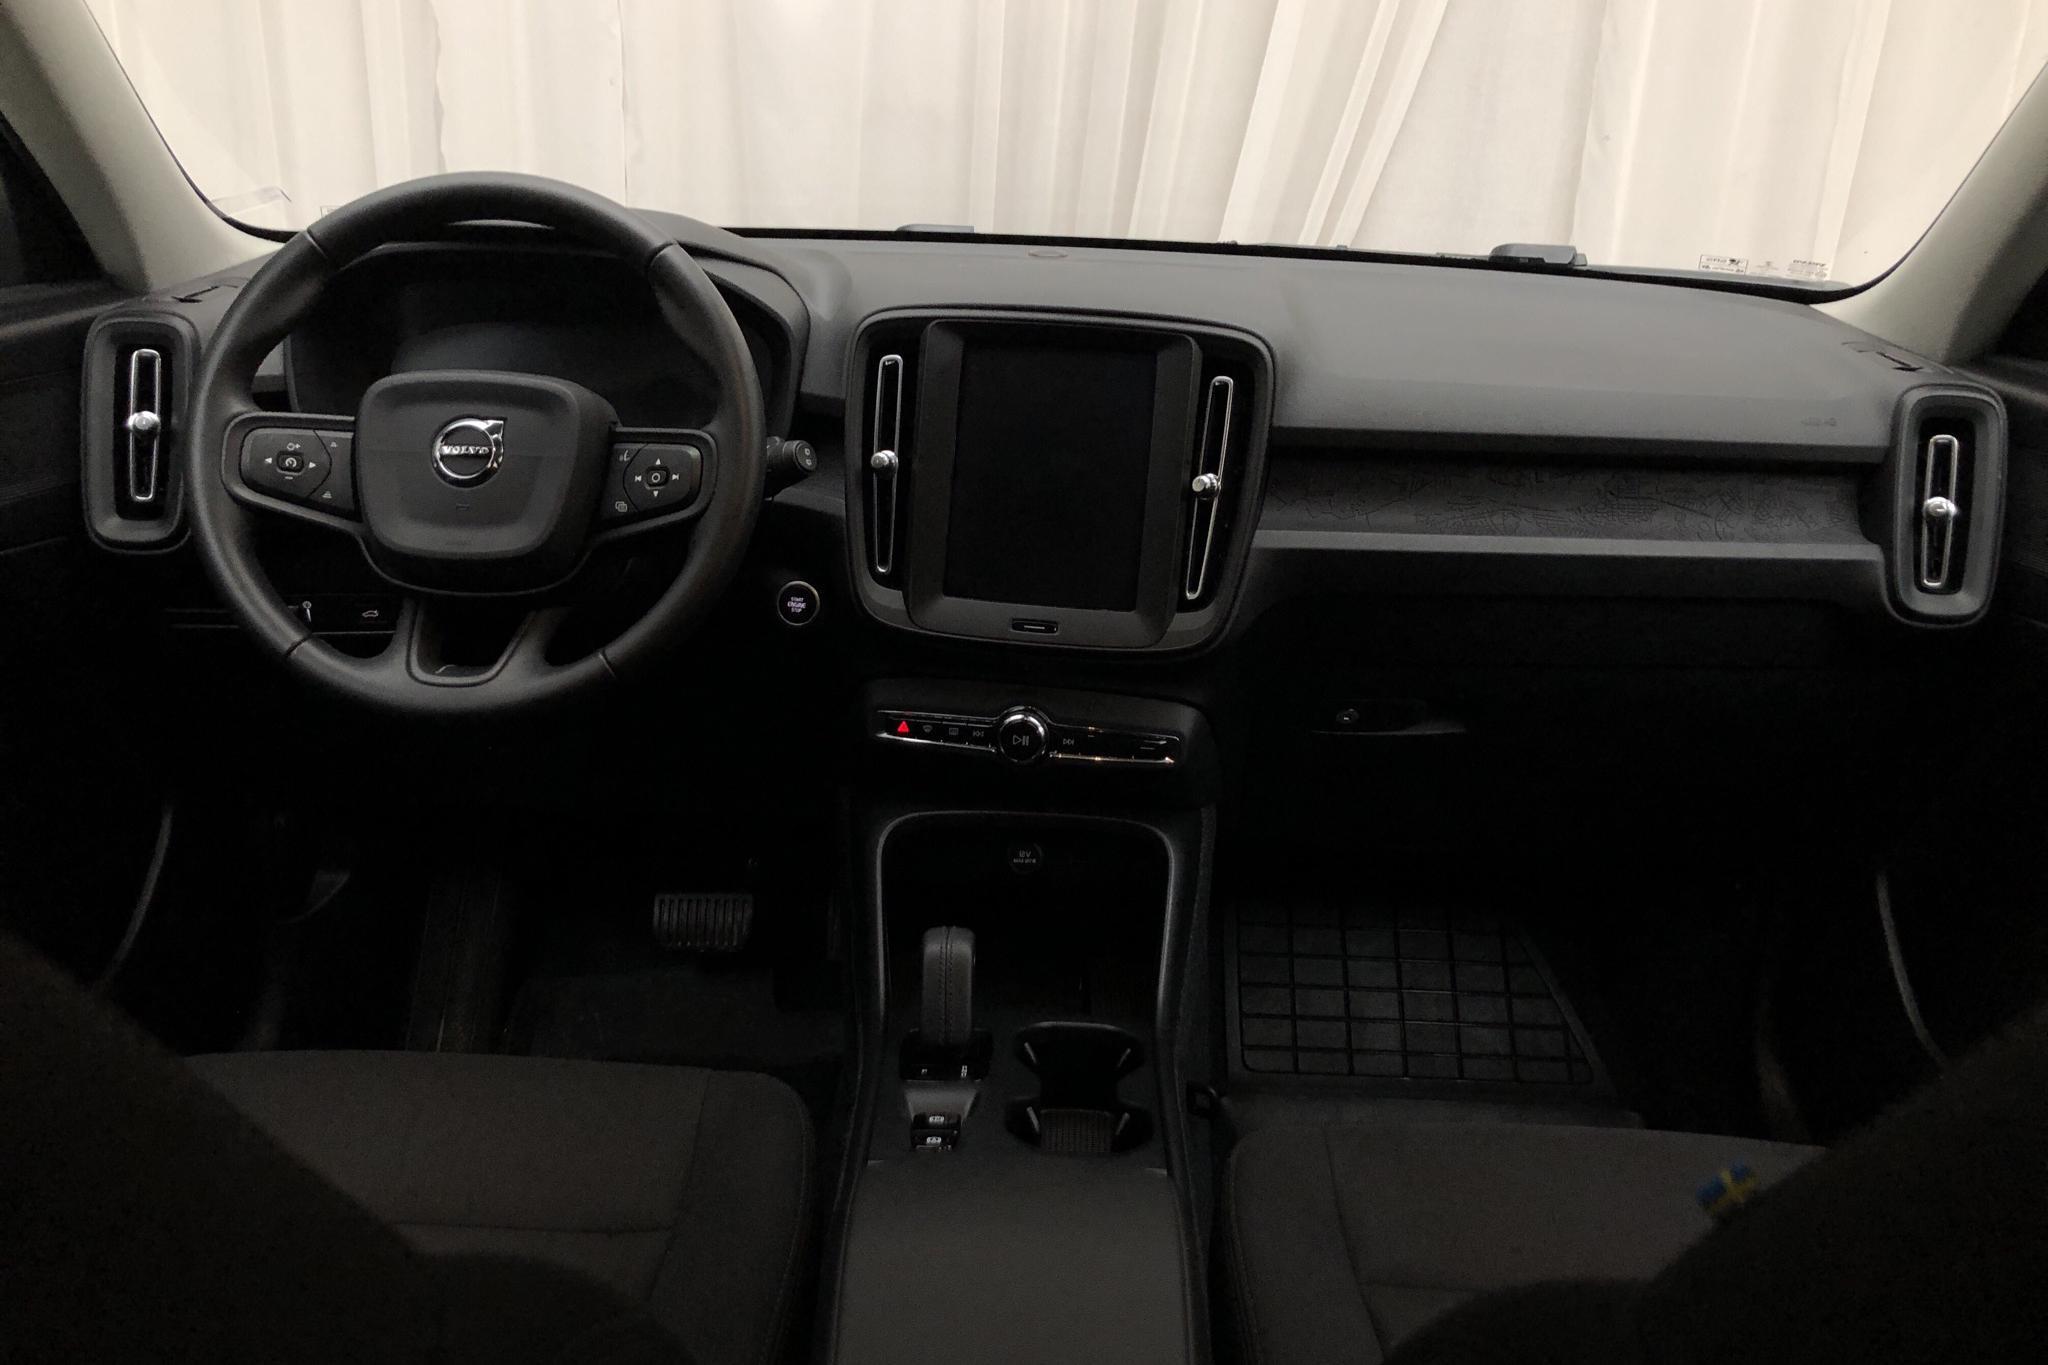 Volvo XC40 T3 2WD (163hk) - 2 358 mil - Automat - svart - 2020